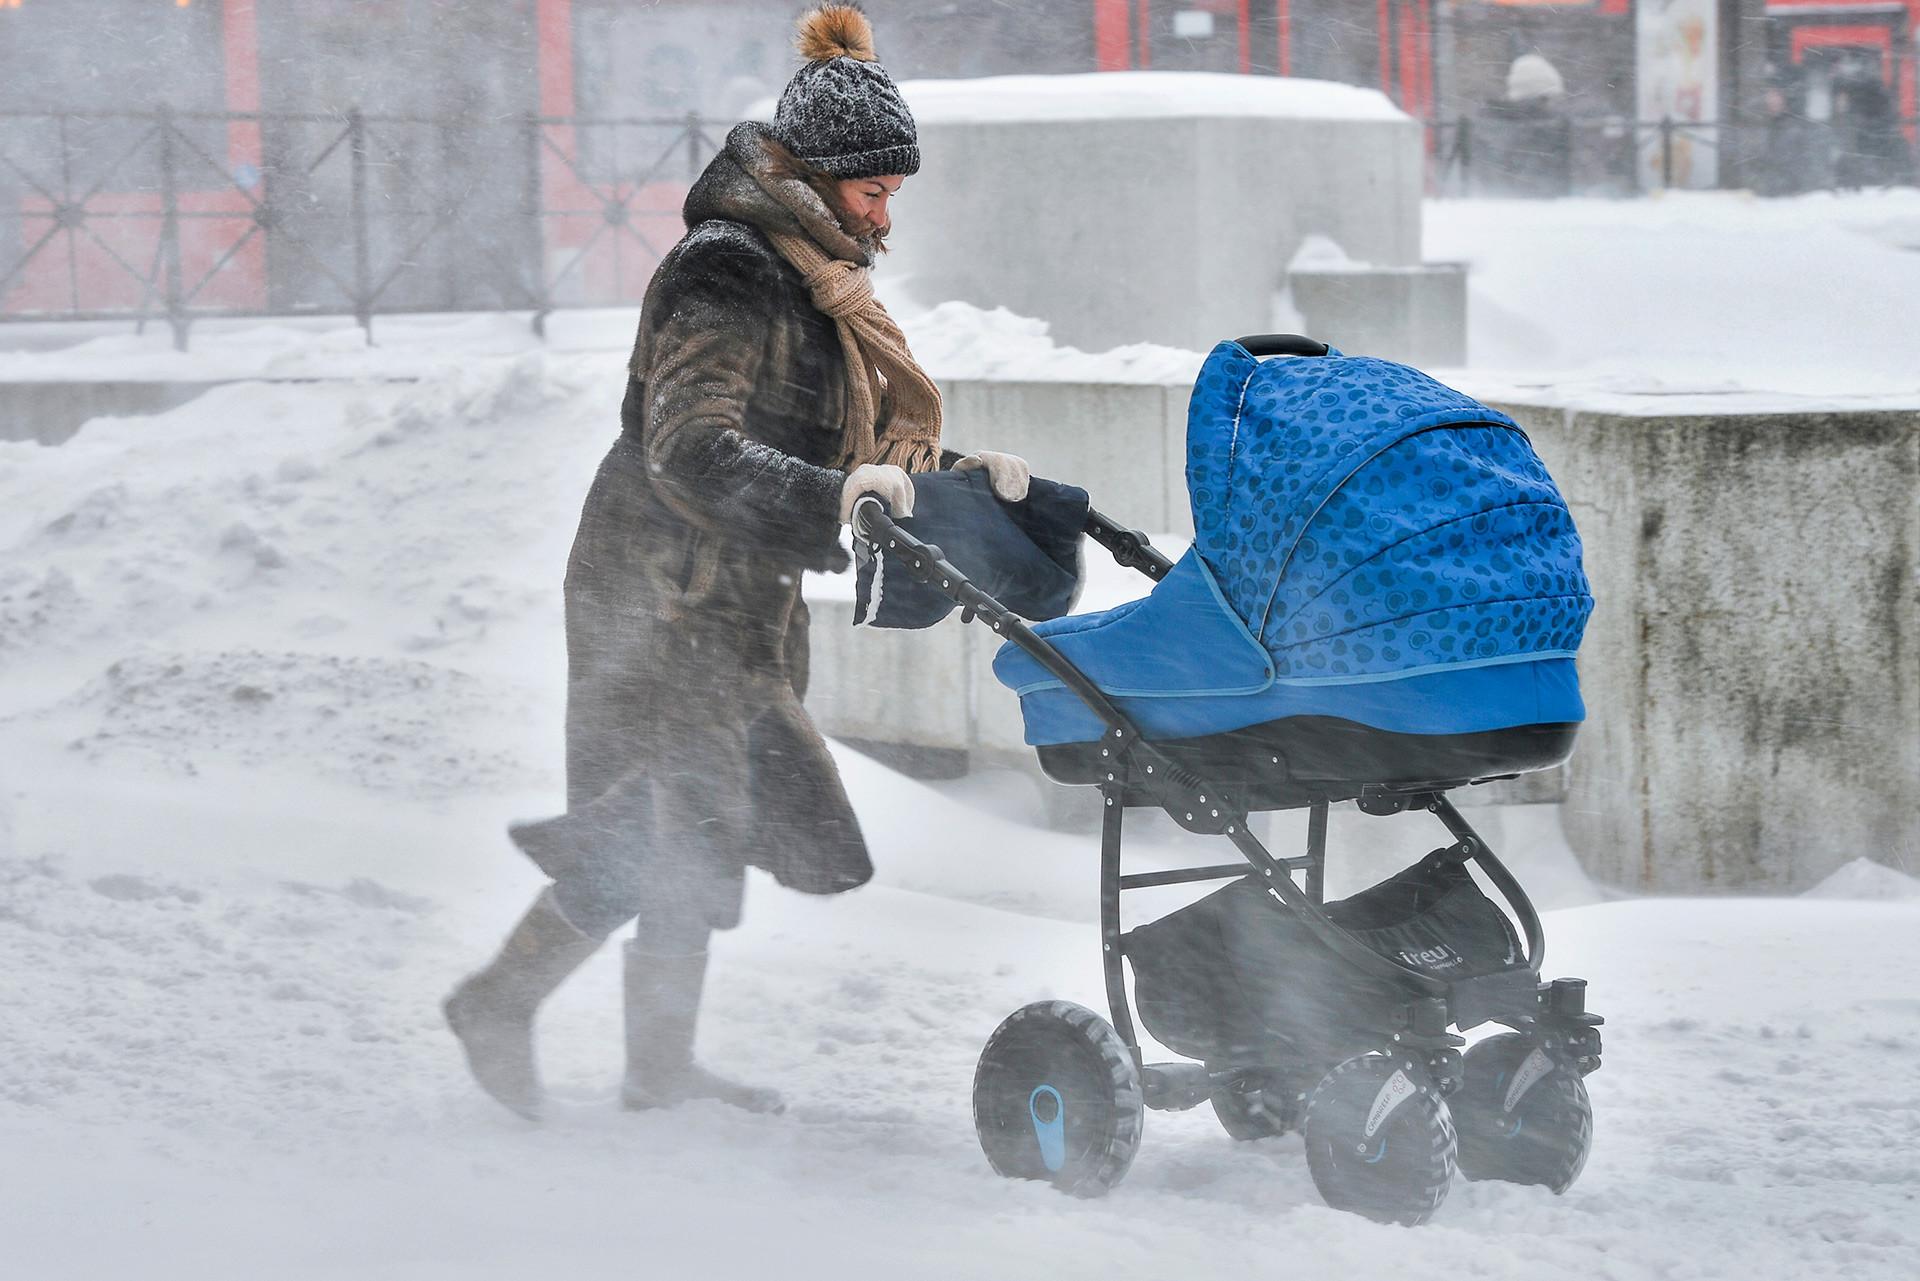 今彼女は、女性たちが冬場に毎日3時間も散歩をさせていることが理解できないと言う。